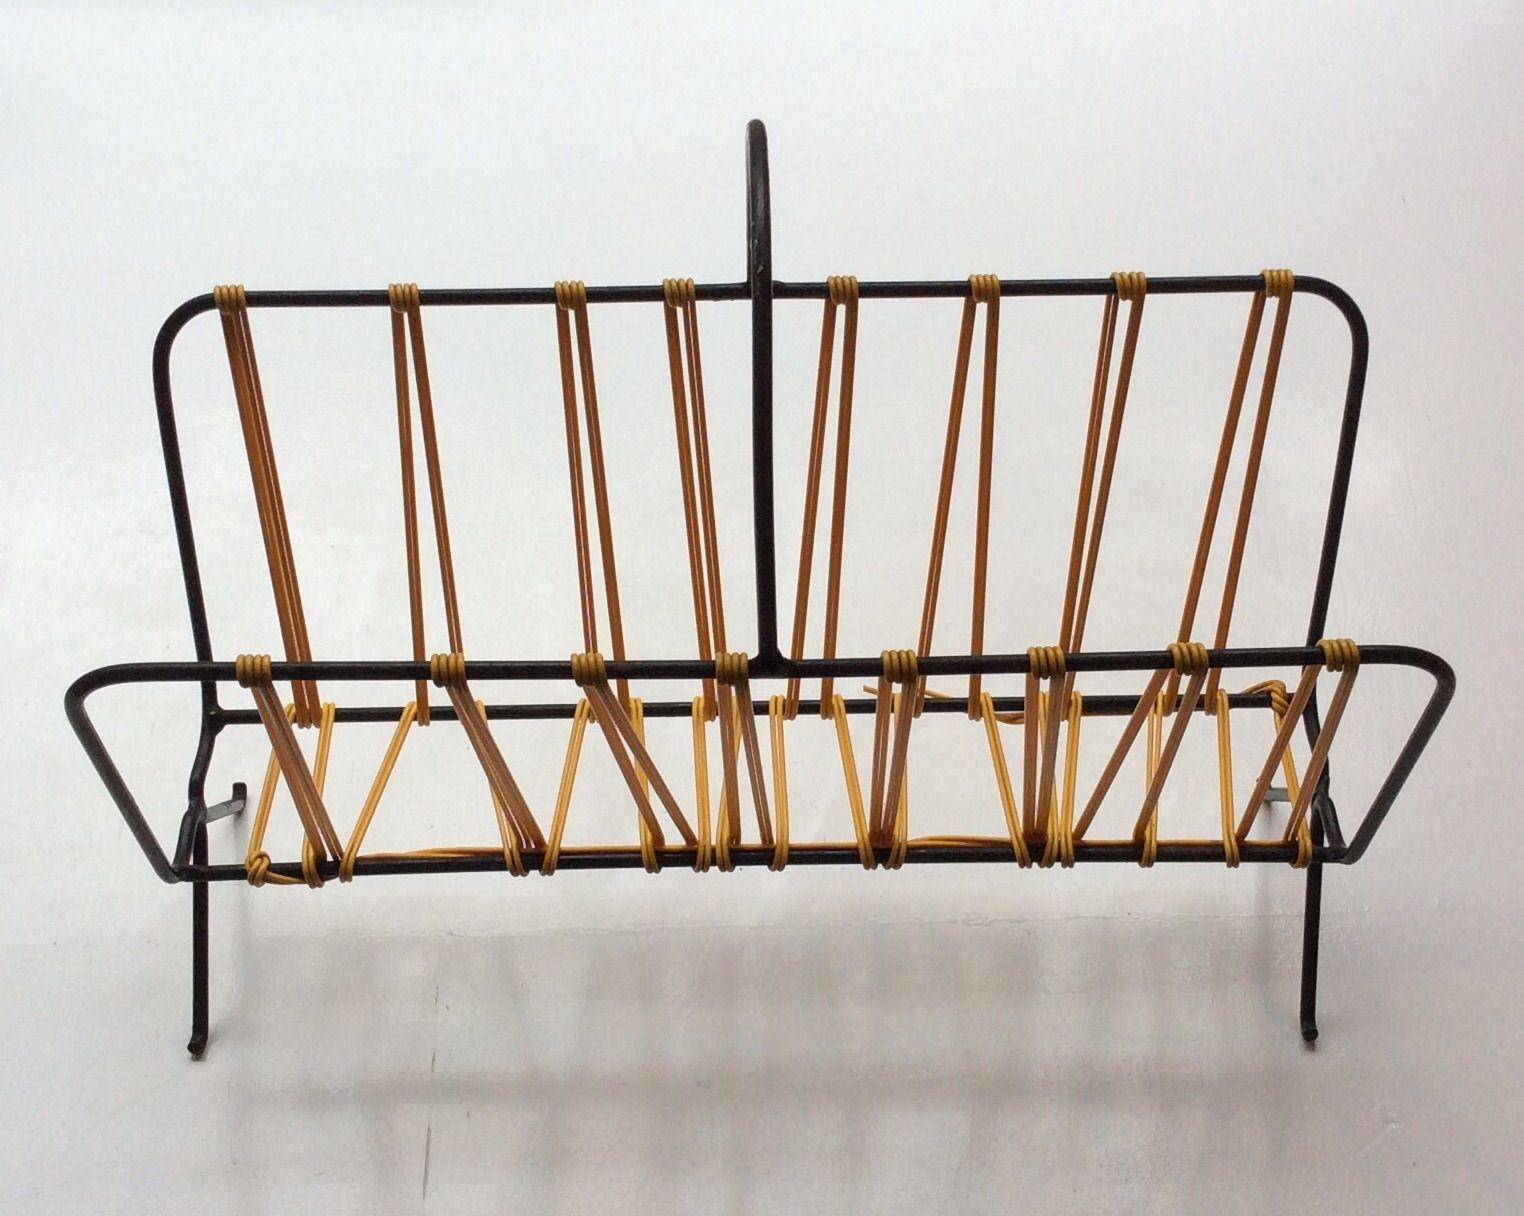 lehtiteline 60 luvulta . runko mustaa metallia ja keltaista muovinarua . korkeus 37.5cm . leveys 45cm . syvyys 18.5cm . #kooPernu